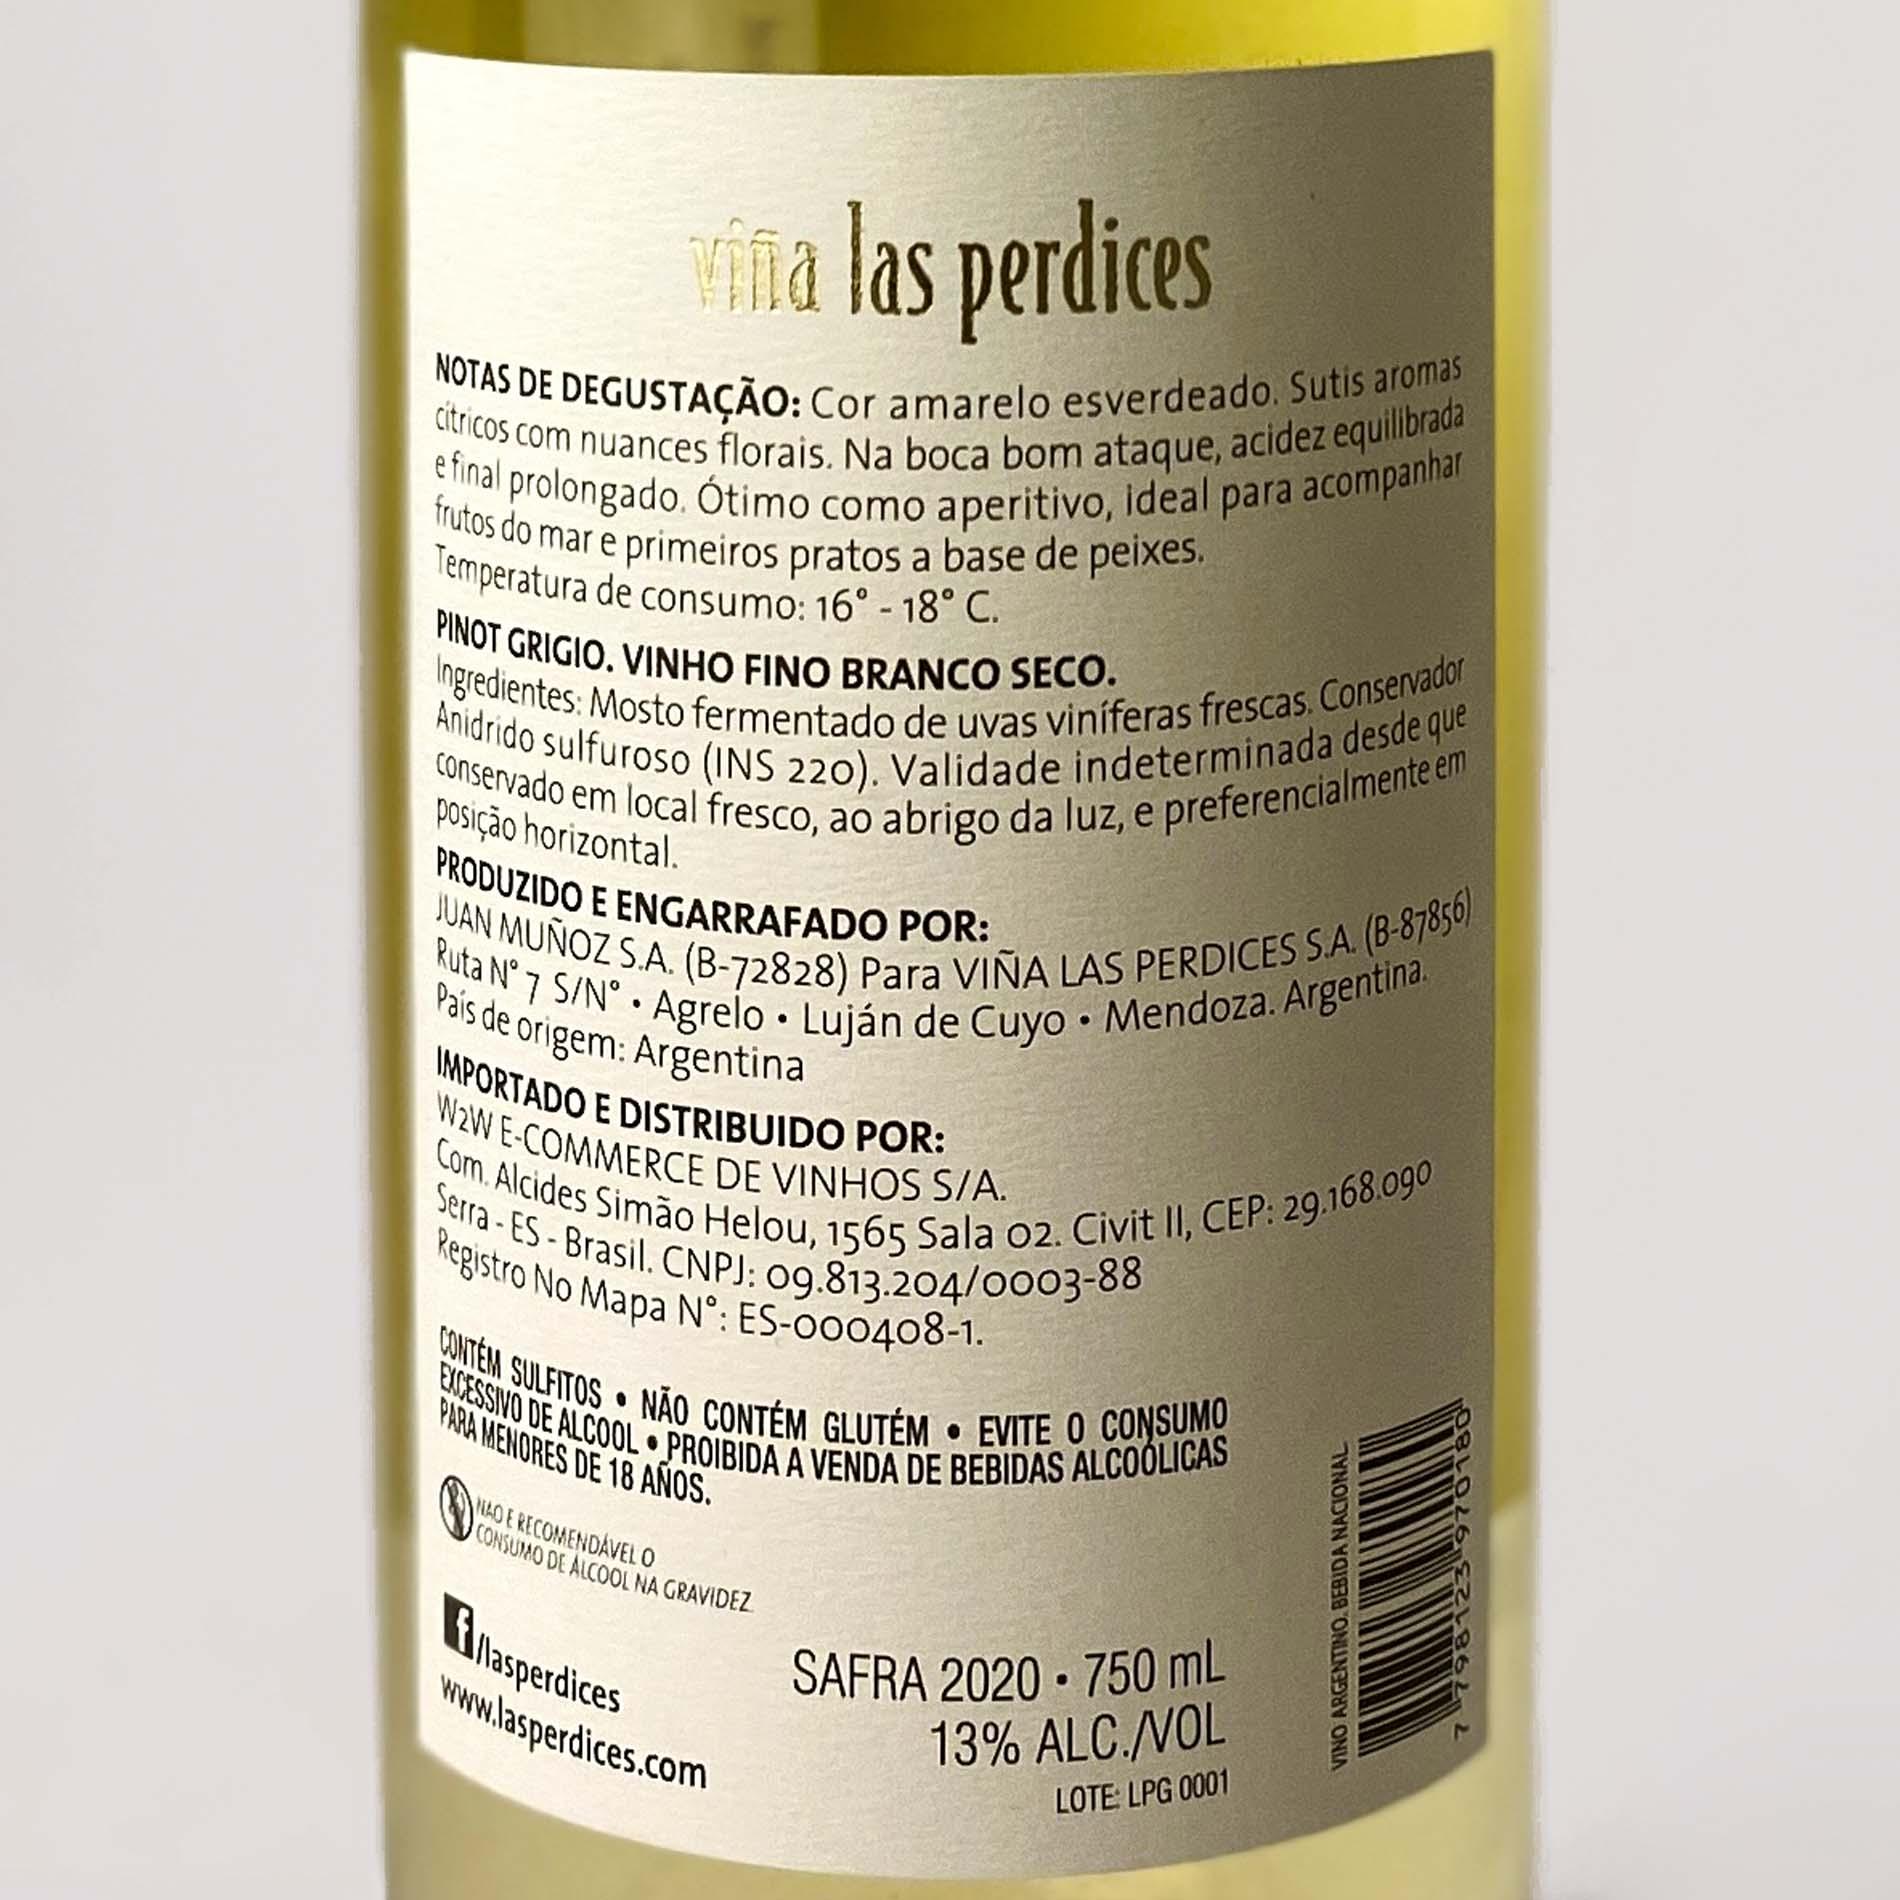 Las Perdices Pinot Grigio  - Vinerize